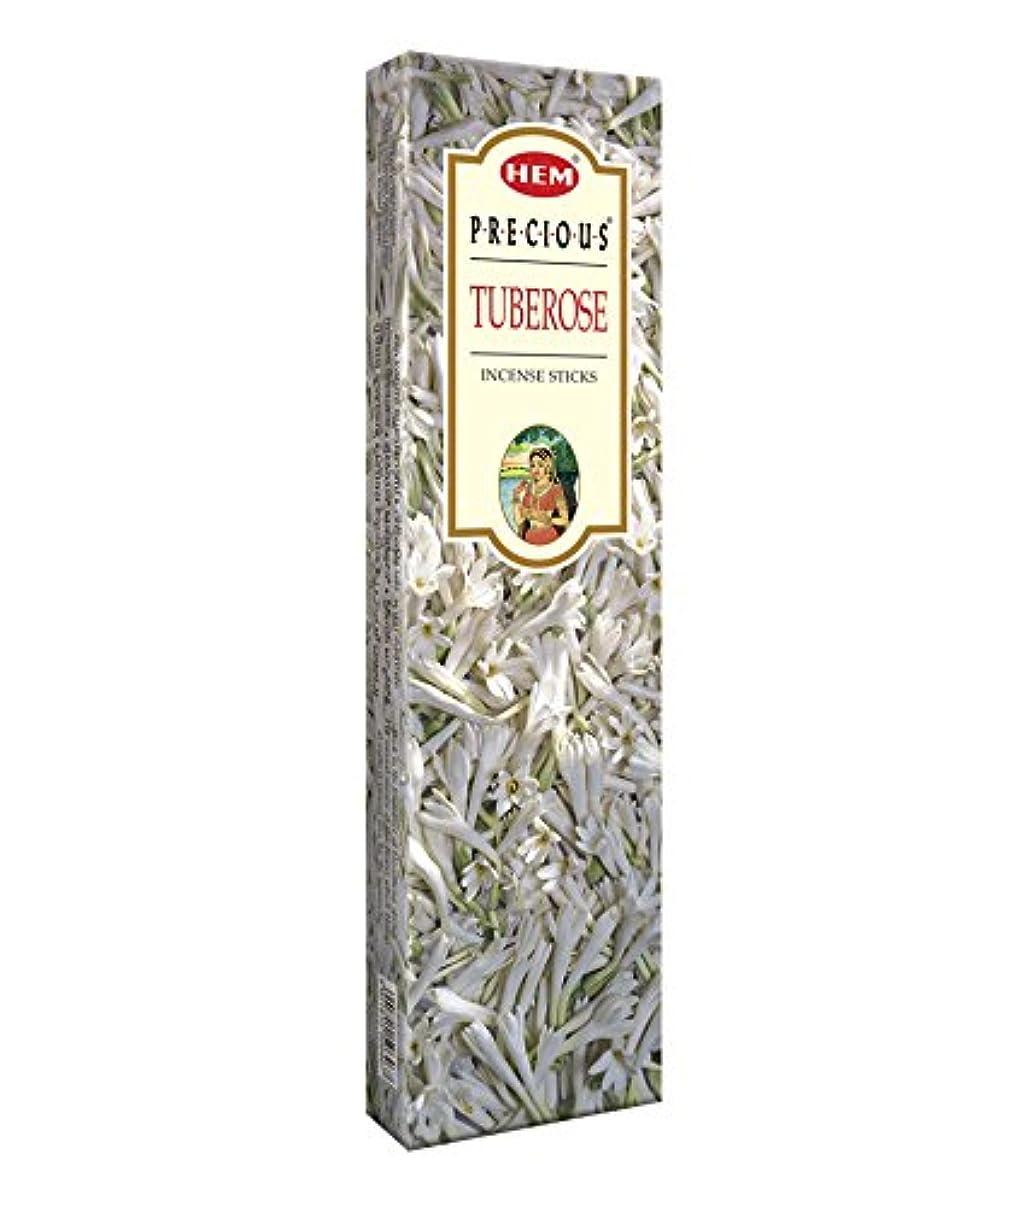 悪い肝イブAgarbathi Fragrance Hem Precious Tuberose 100 g INCENSE STICKS